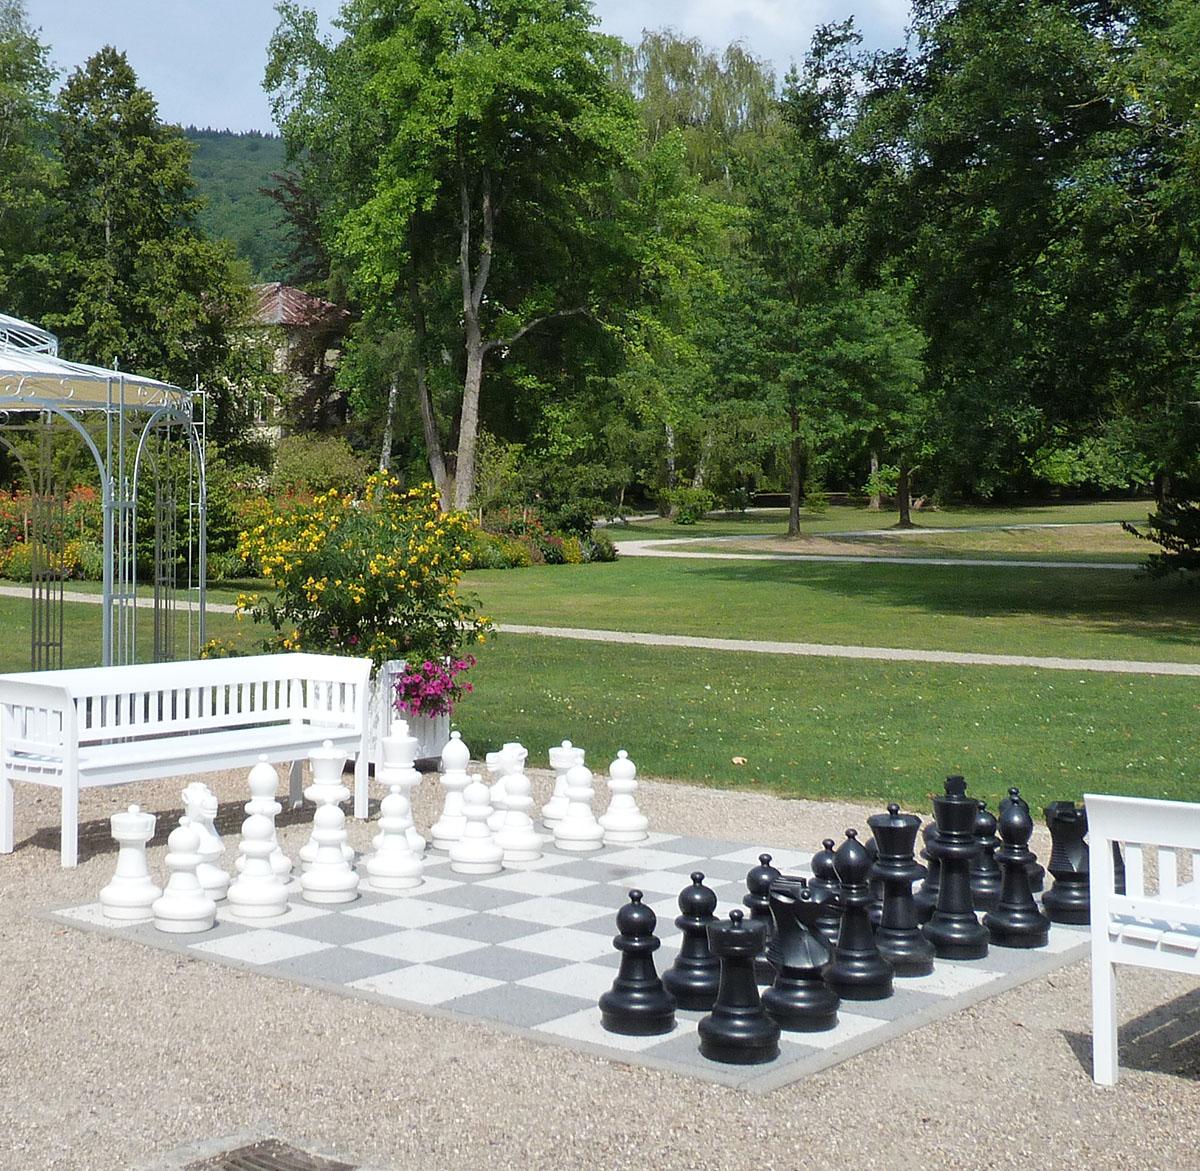 Bad Brückenauer Park mit Schachspiel